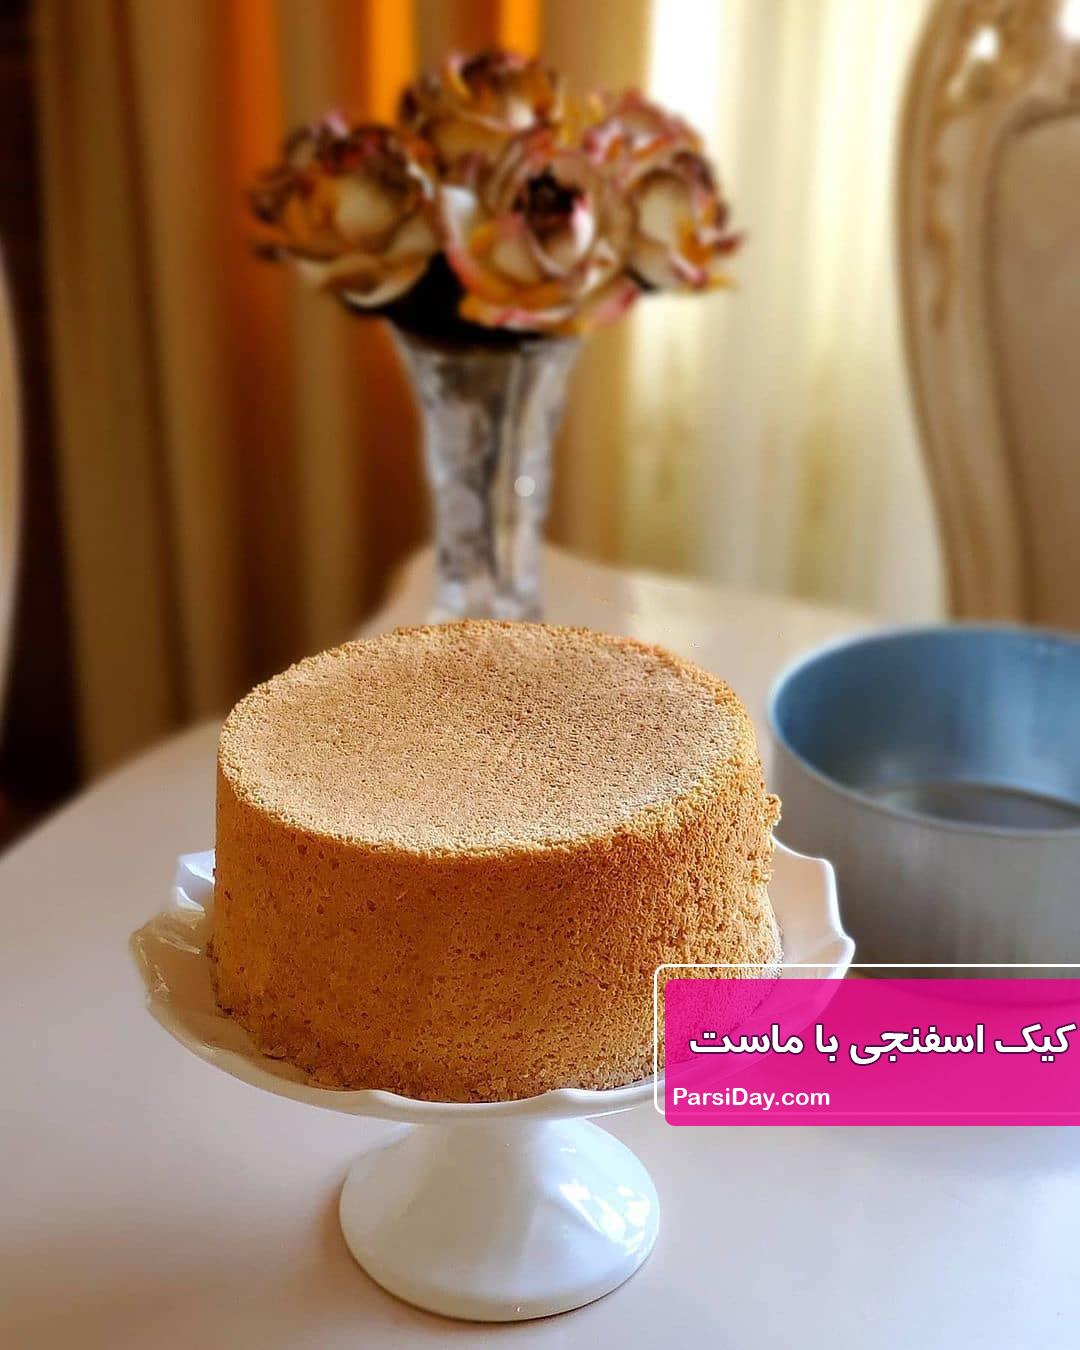 طرز تهیه کیک اسفنجی با ماست ، ساده و خوشمزه در فر